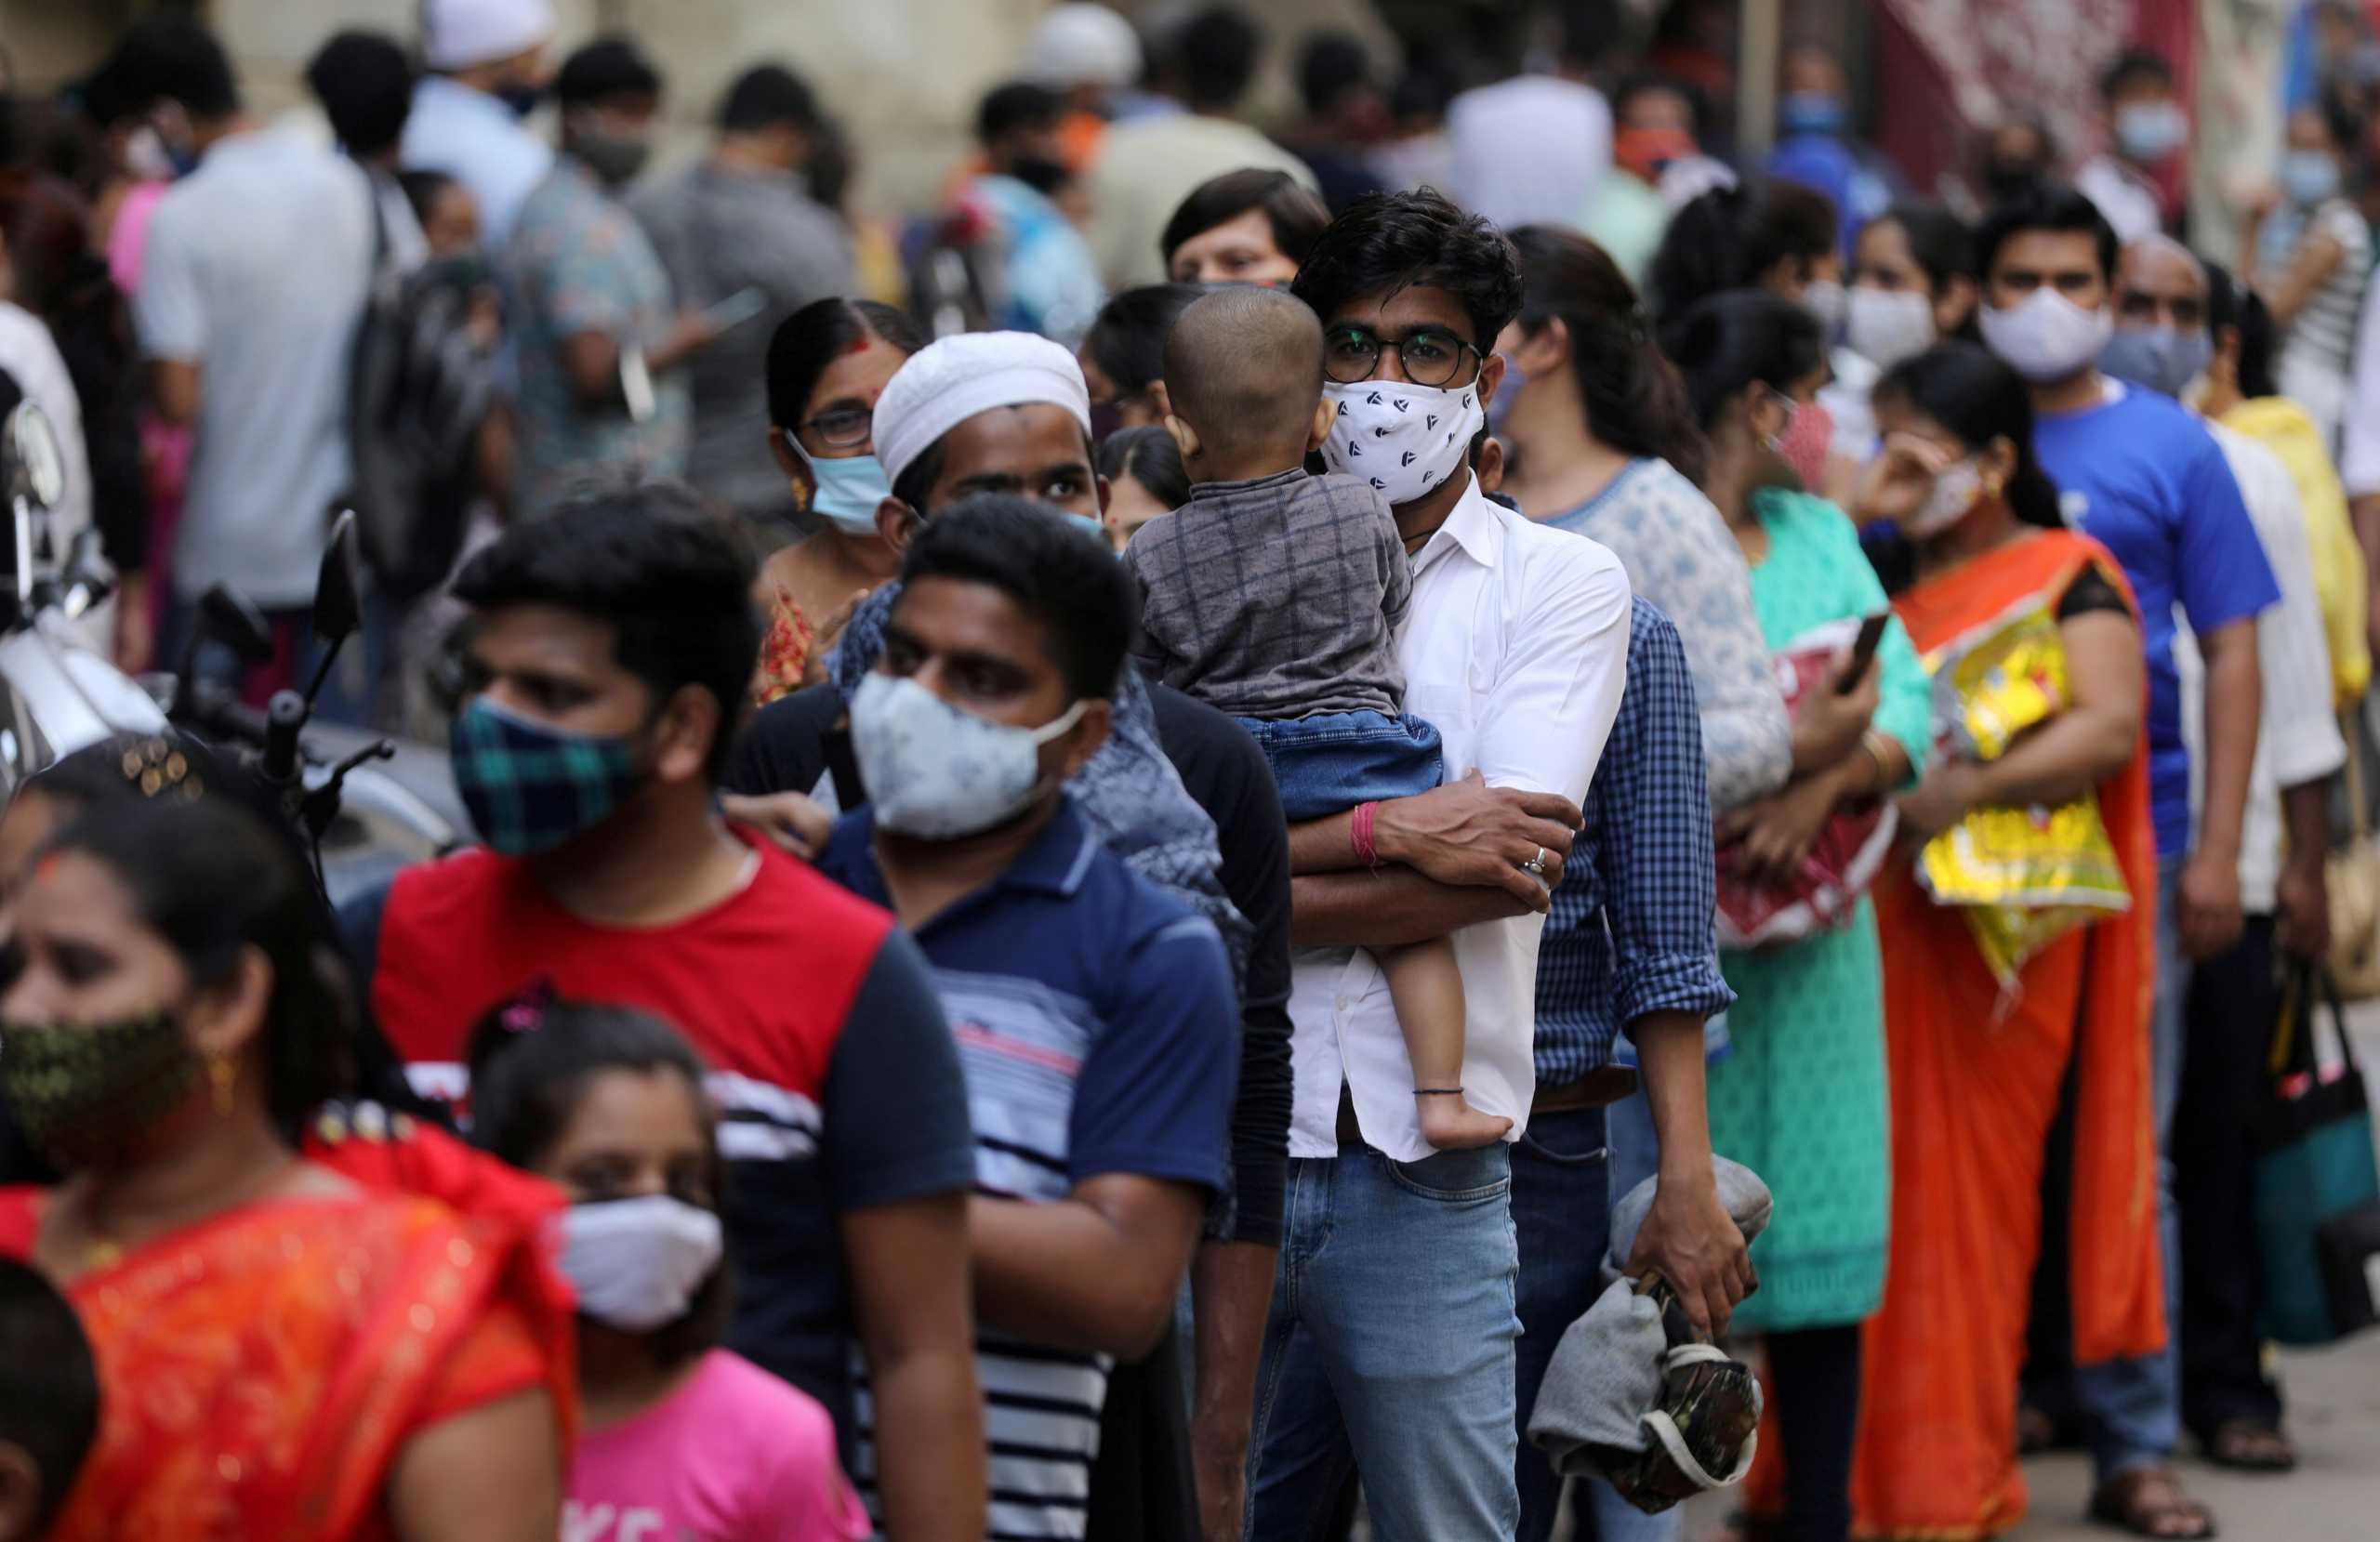 Ινδία: Άλλο ένα εφιαλτικό 24ωρο με 161.736 κρούσματα κορονοϊού